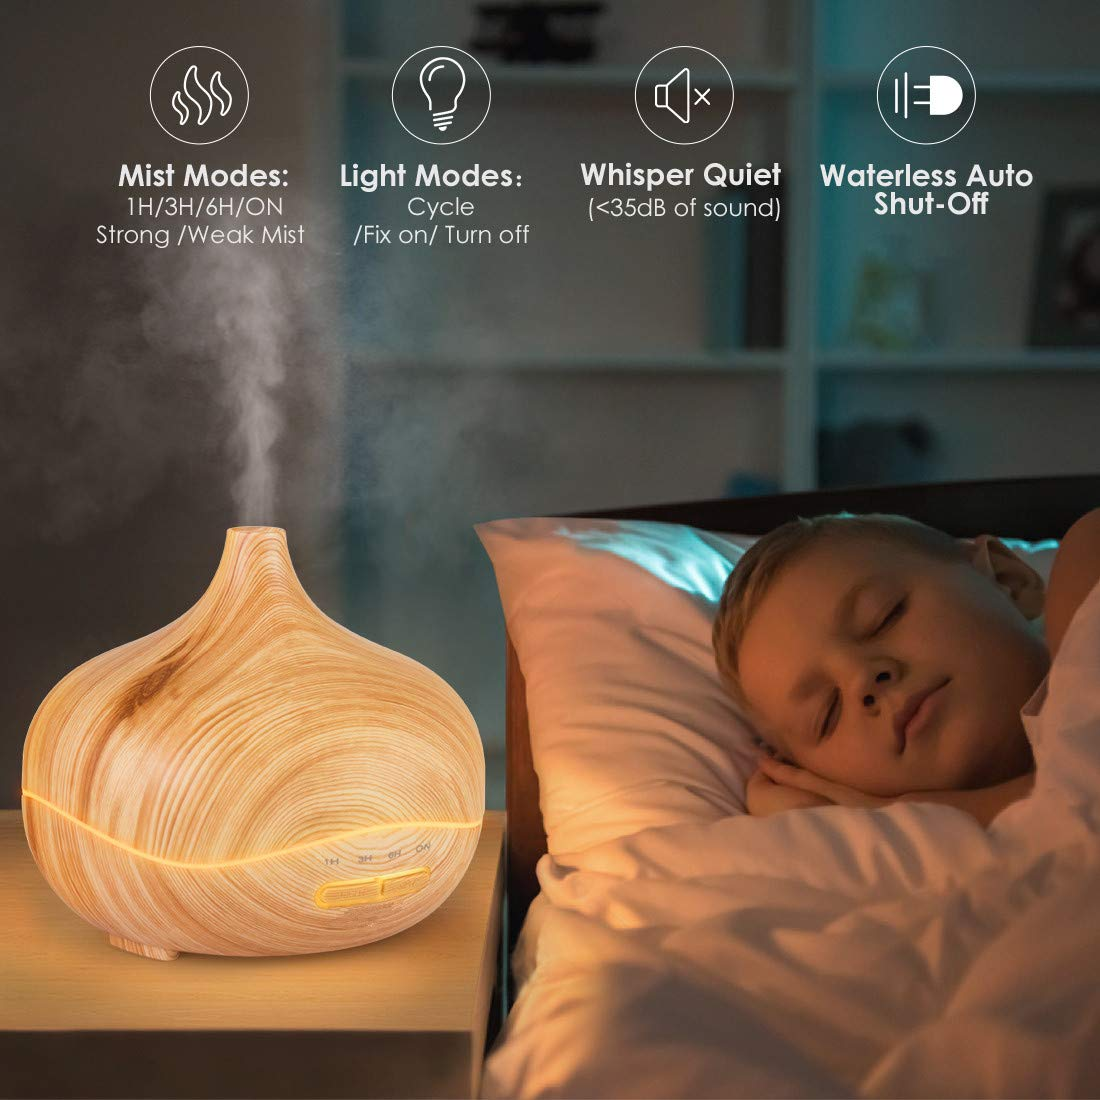 Ufficio Baby Room Diffusore di Aromi 300ml Diffusore di Olio Essenziale Ultrasuoni Umidificatore Silenzioso Vaporizzatore con 7 LED Colorati Albergo Casa Regalo di Aster